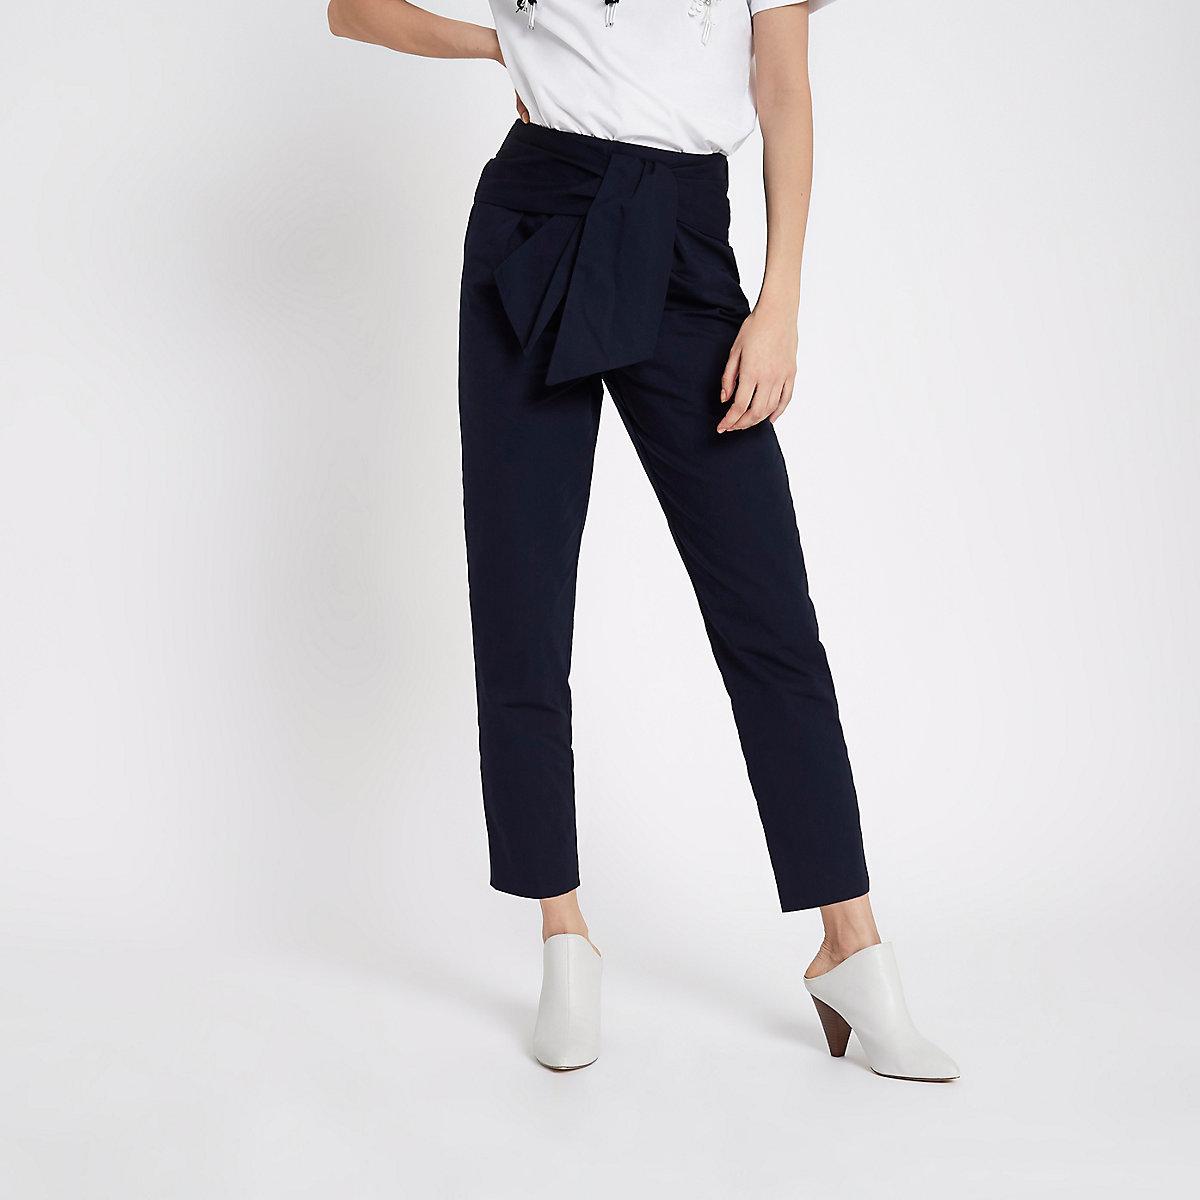 gutes Angebot neuer Stil & Luxus Schnäppchen 2017 Navy tie waist trousers